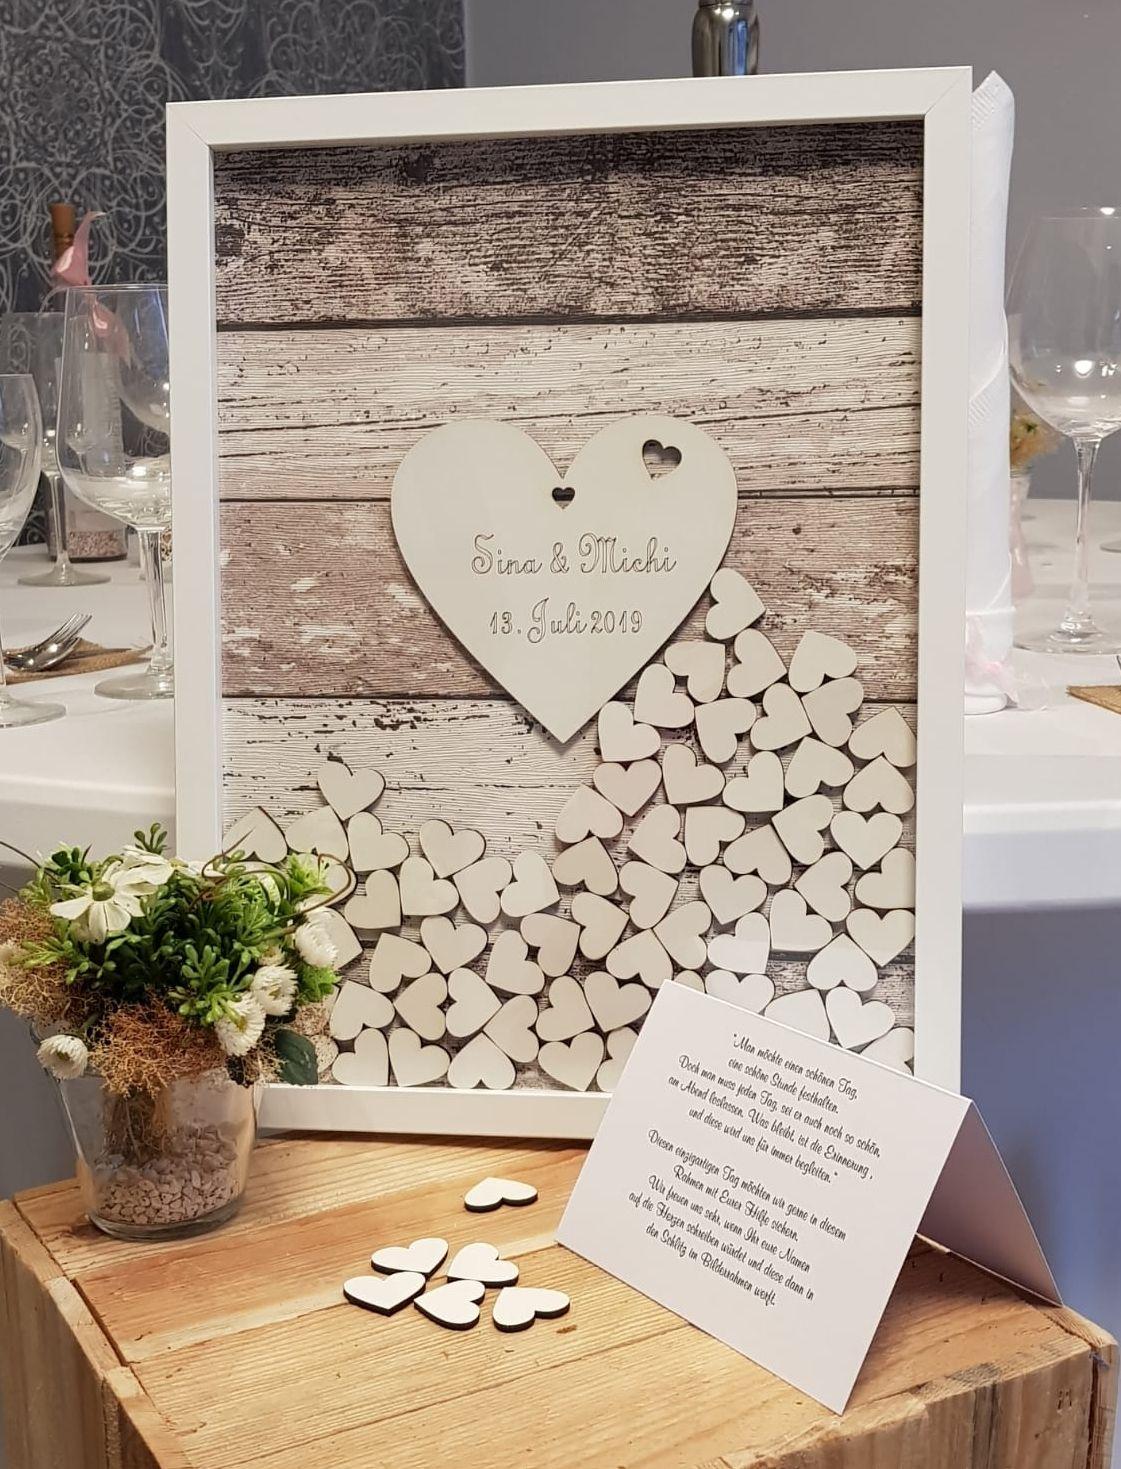 Hochzeitsgastebuch Mit Holzherzen Zum Einwerfen Gastebuch Hochzeit Hochzeitsgastebuch Gastebuch Hochzeit Holz